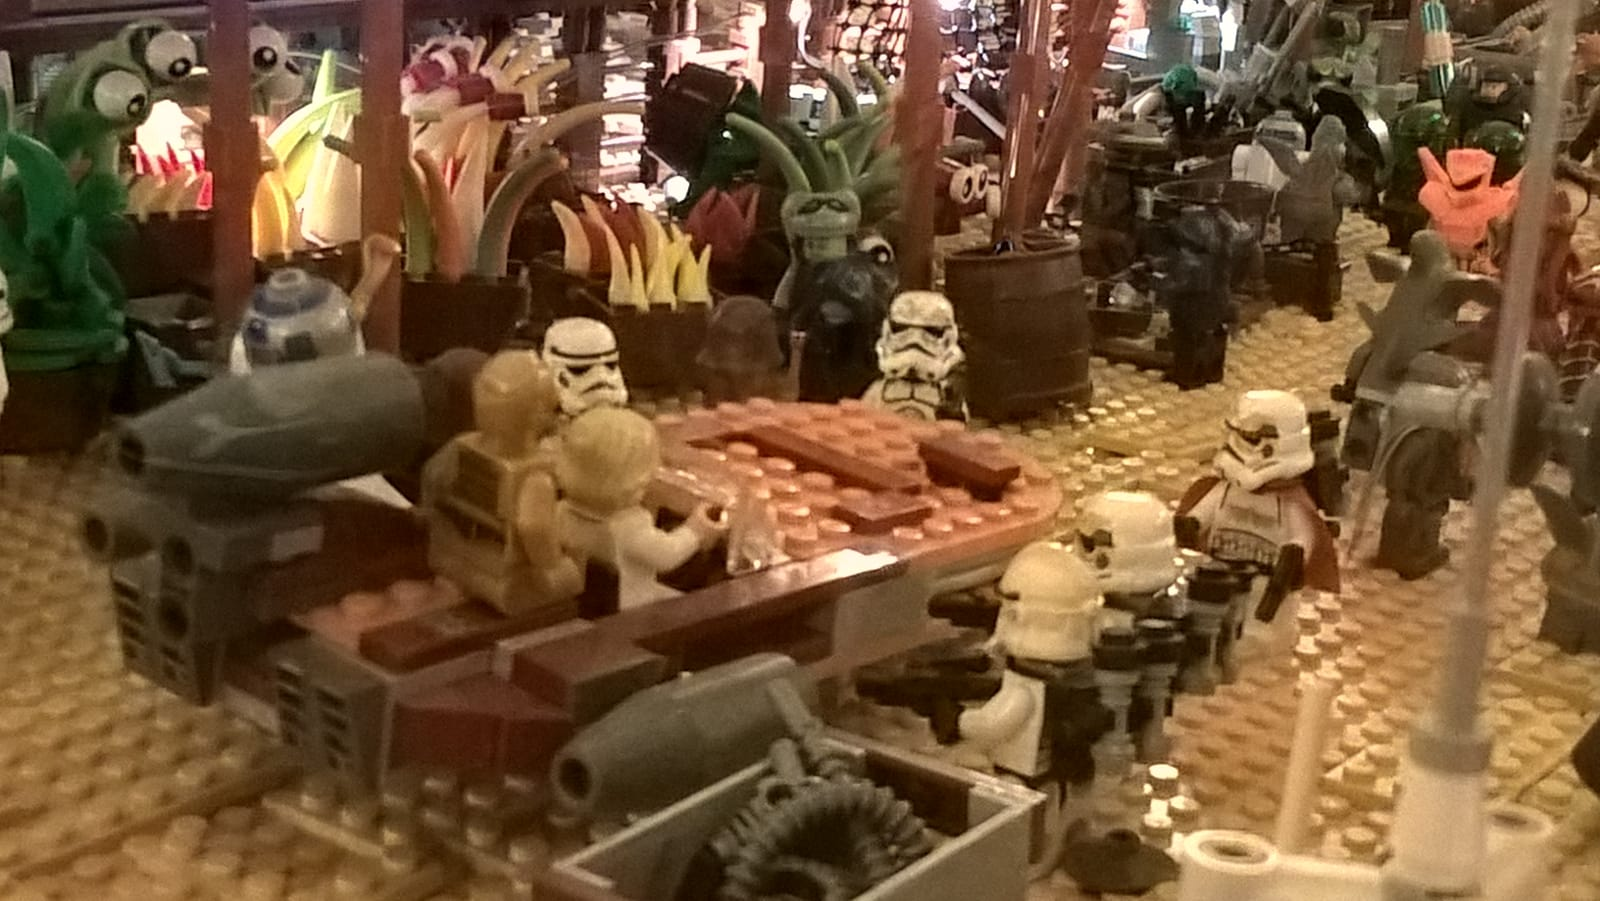 mos eisley star wars lego